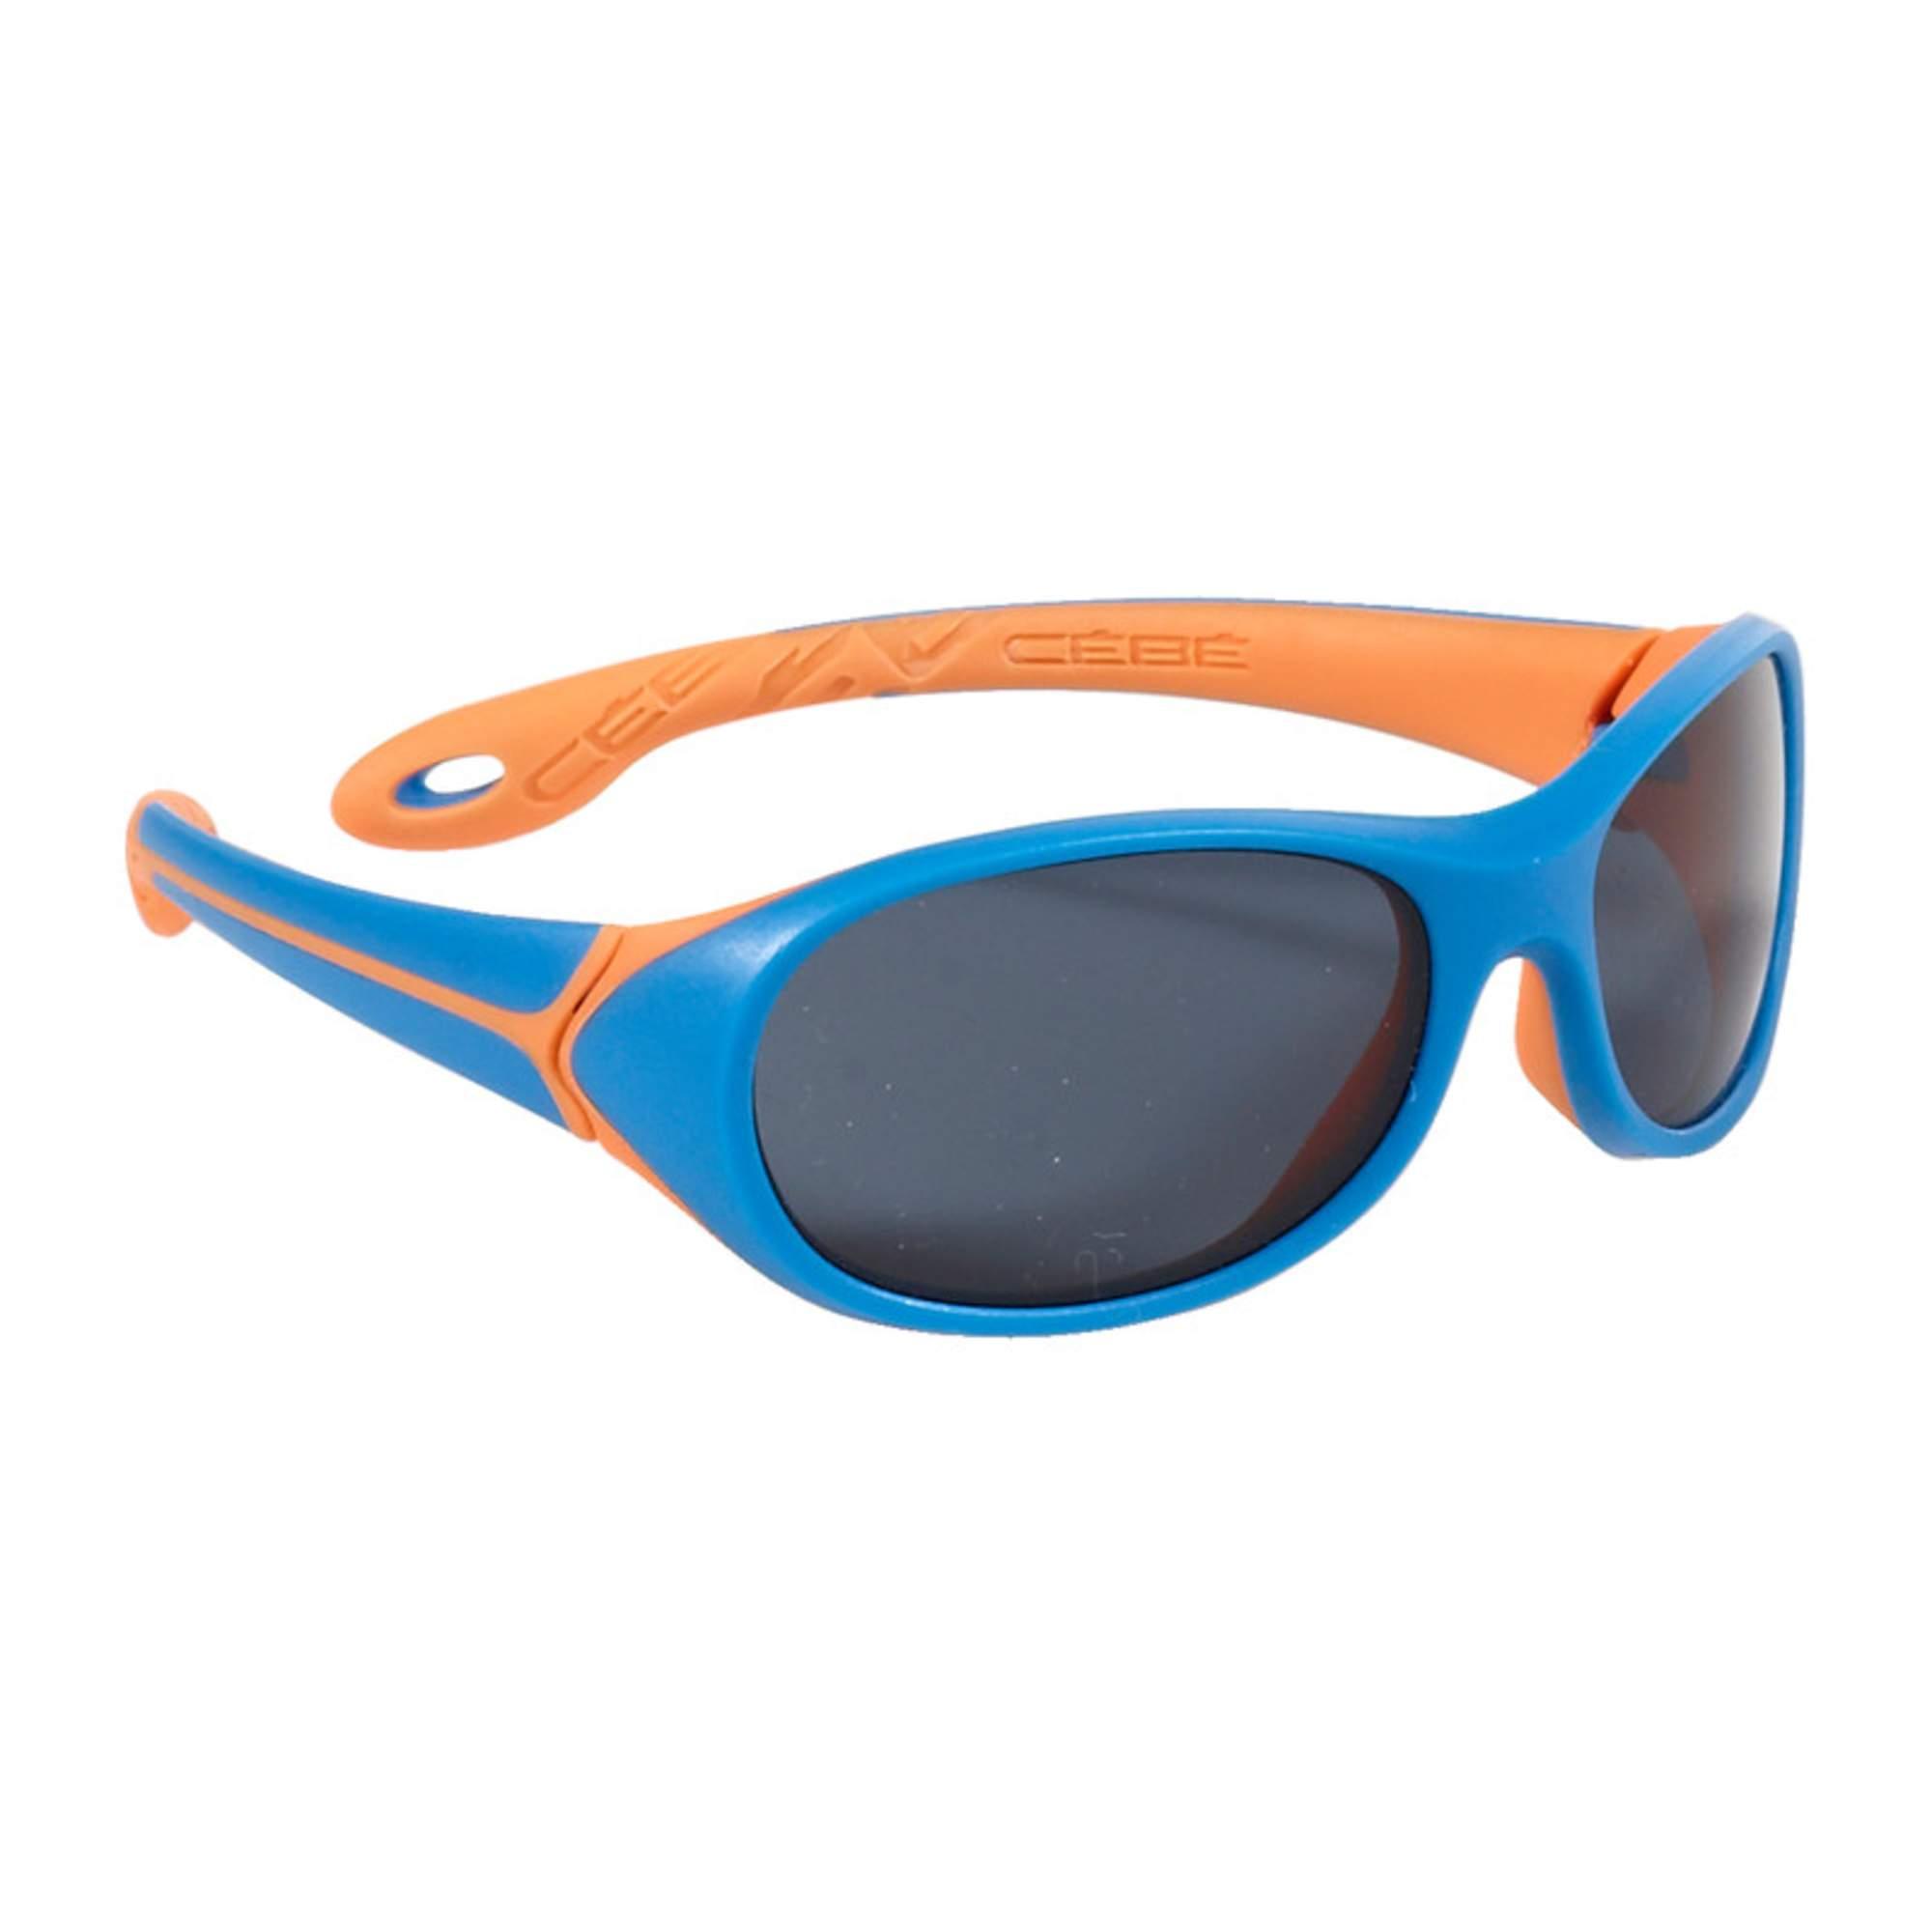 Spiuk Bungy Sonnenbrille für Kinder Einheitsgröße Gelb/Blau rBRALW